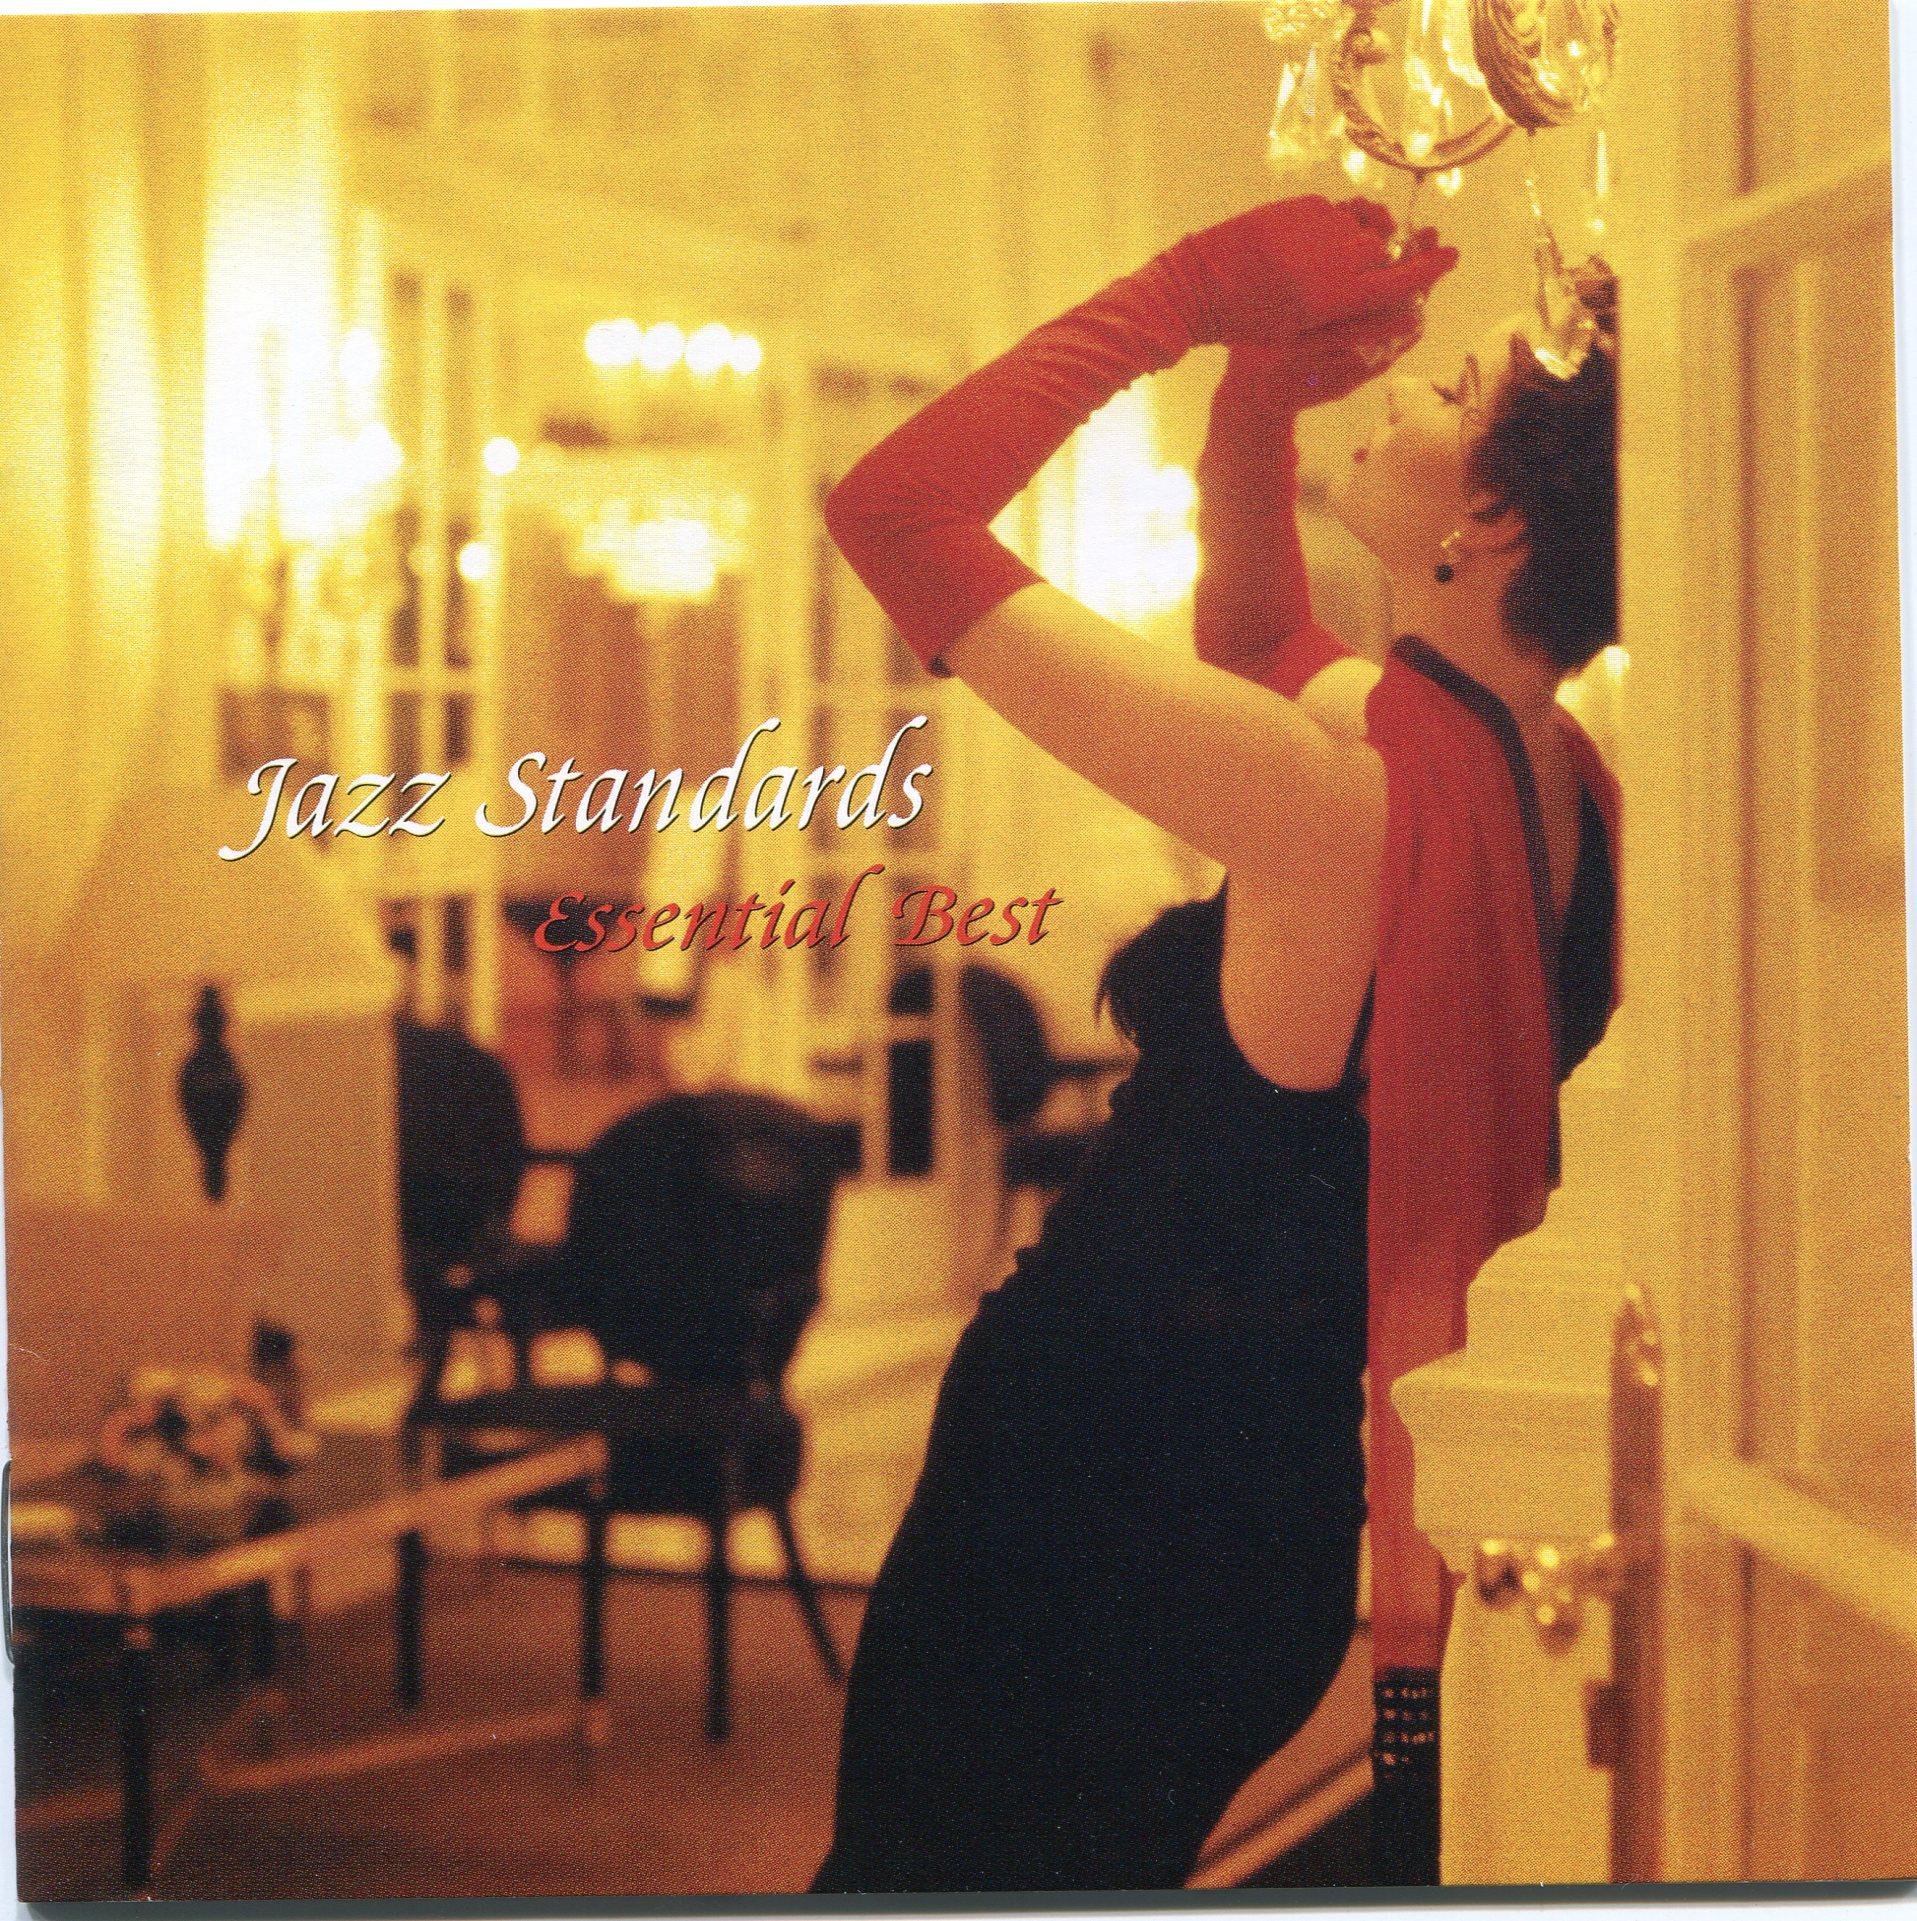 Album Jazz Standards – Essential Best (2009)